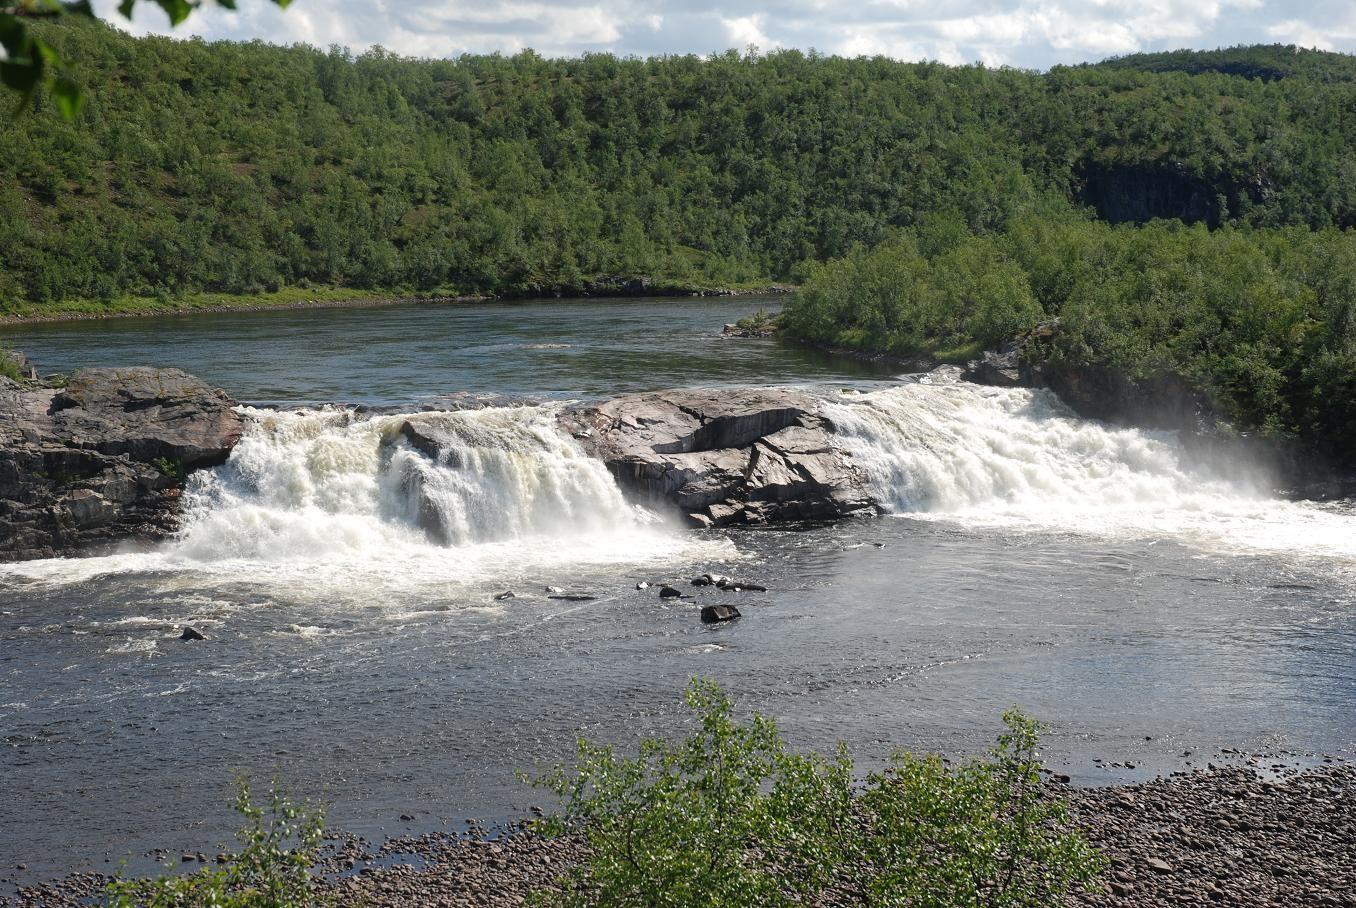 Pikefossen falls